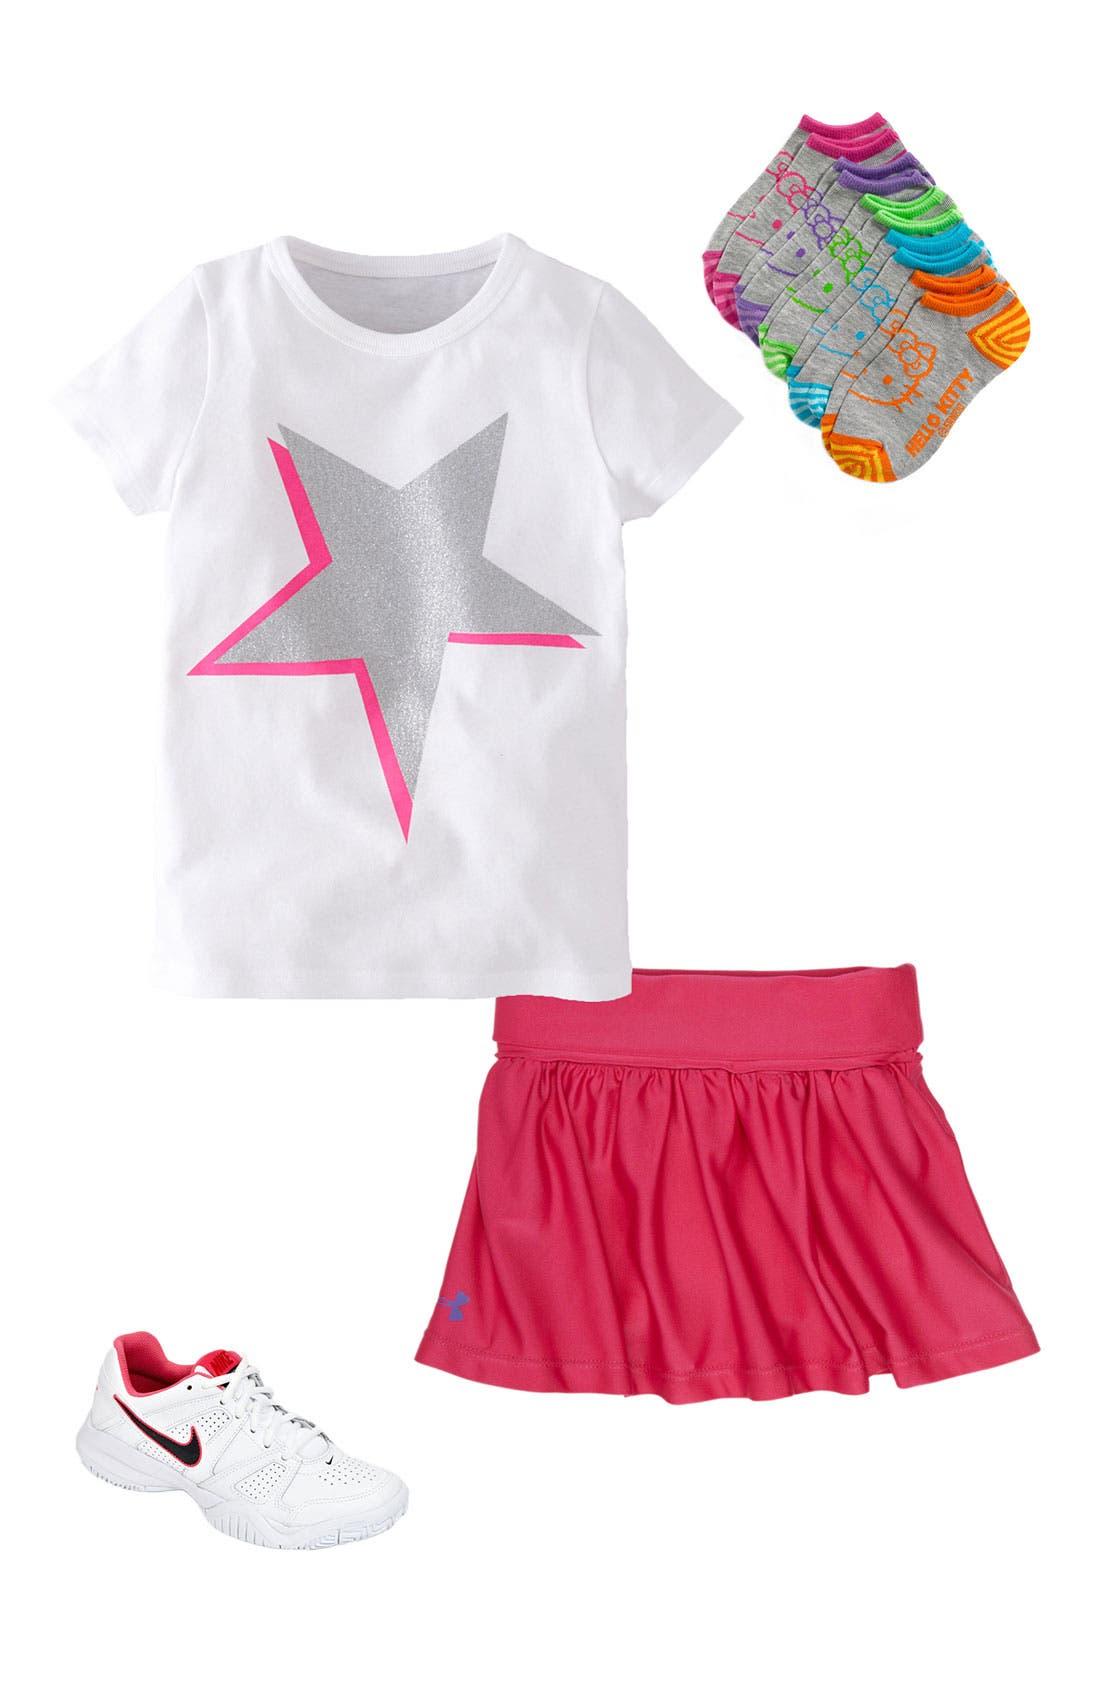 Alternate Image 1 Selected - Mini Boden Tee, Under Armour Skirt & Nike Sneaker (Toddler)